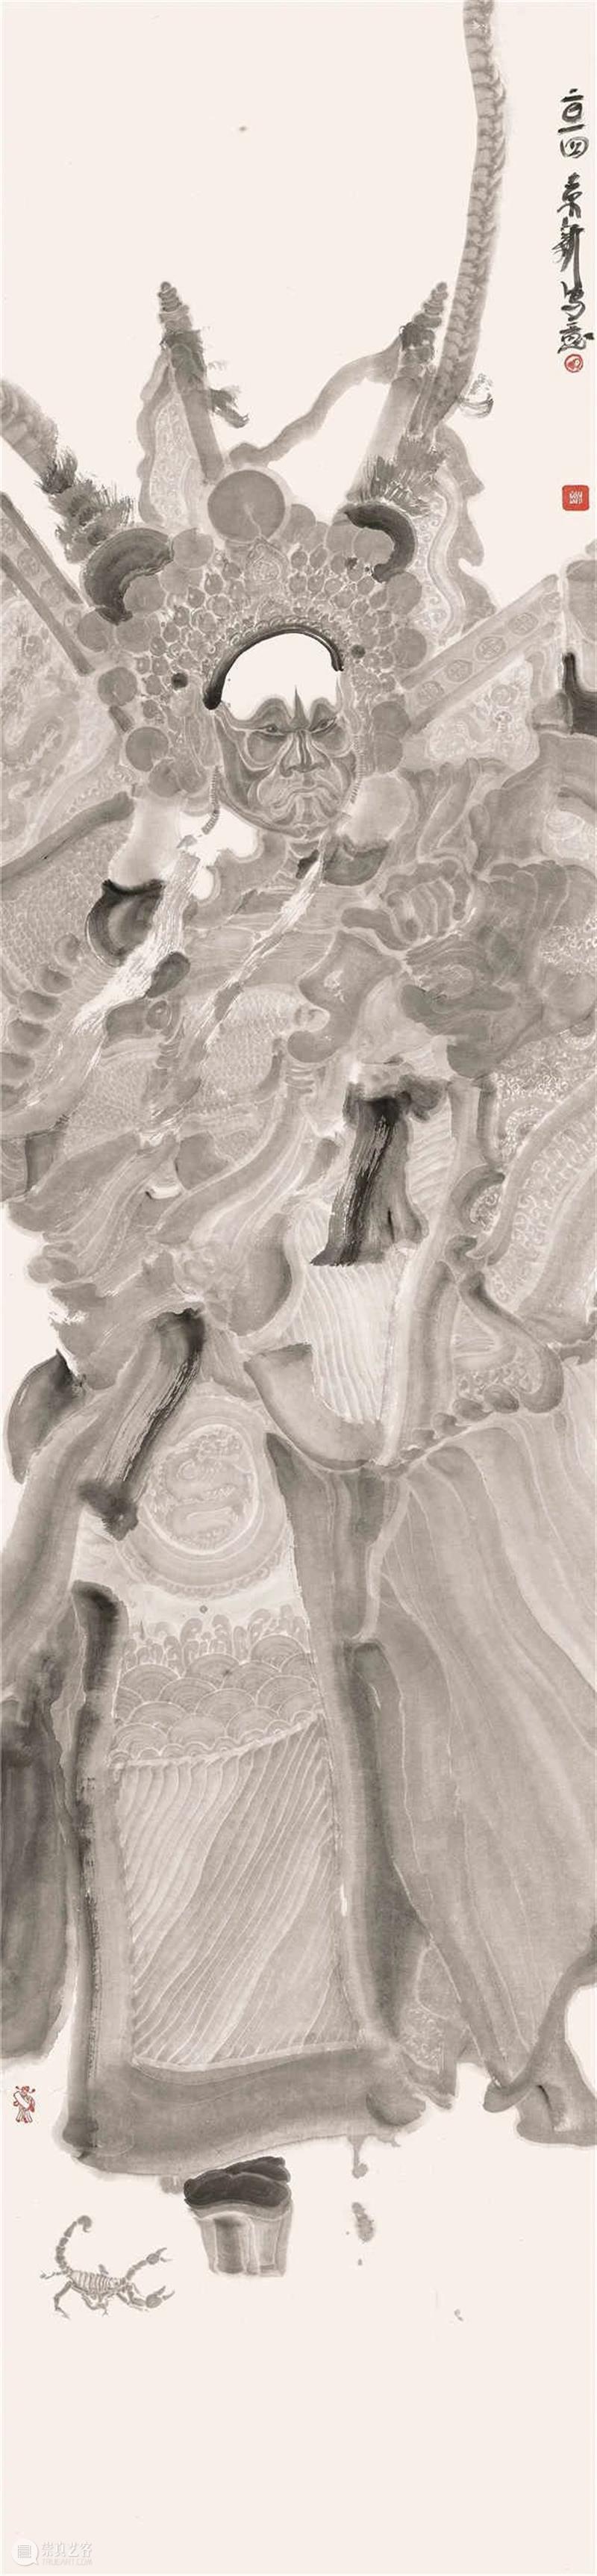 """""""金陵大咖——周京新画展""""即将在金陵美术馆开展 金陵美术馆 金陵 大咖 周京新 画展 系列展 赵绪成 吴毅 朱道平 李剑晨 崇真艺客"""